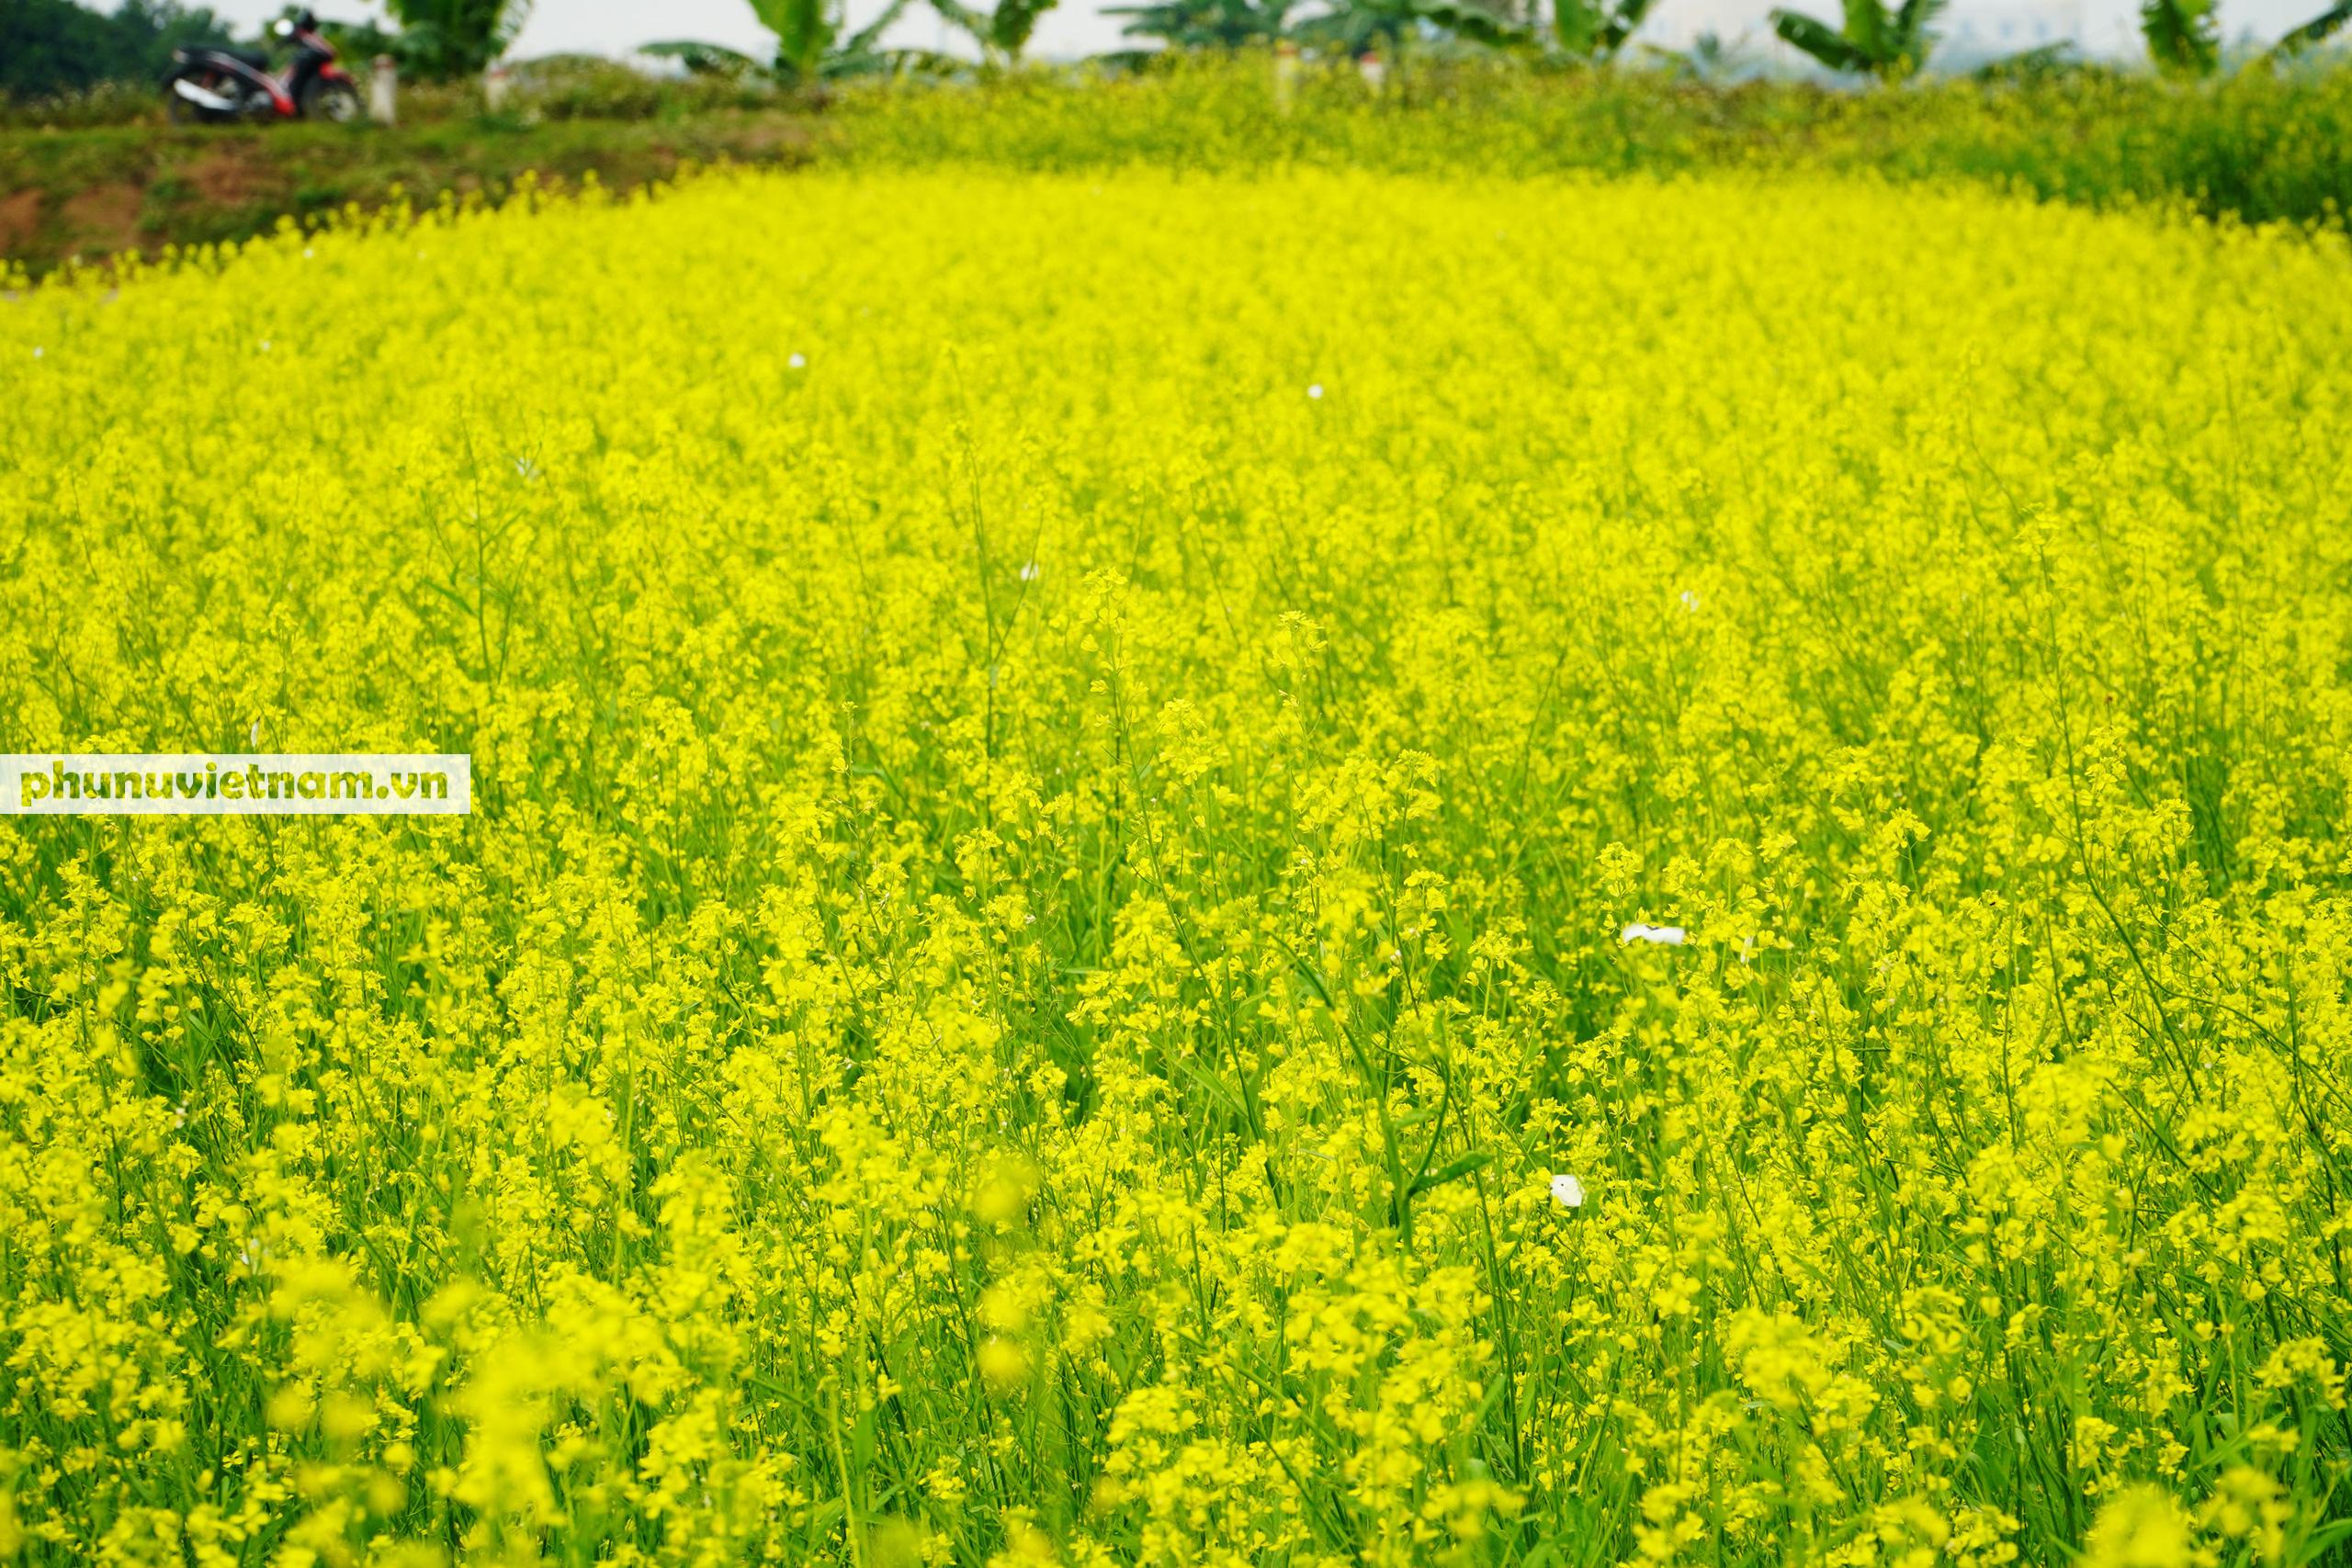 Thiếu nữ áo trắng đẹp hút lòng người trên cánh đồng hoa cải vàng ở Chi Đông - Ảnh 12.